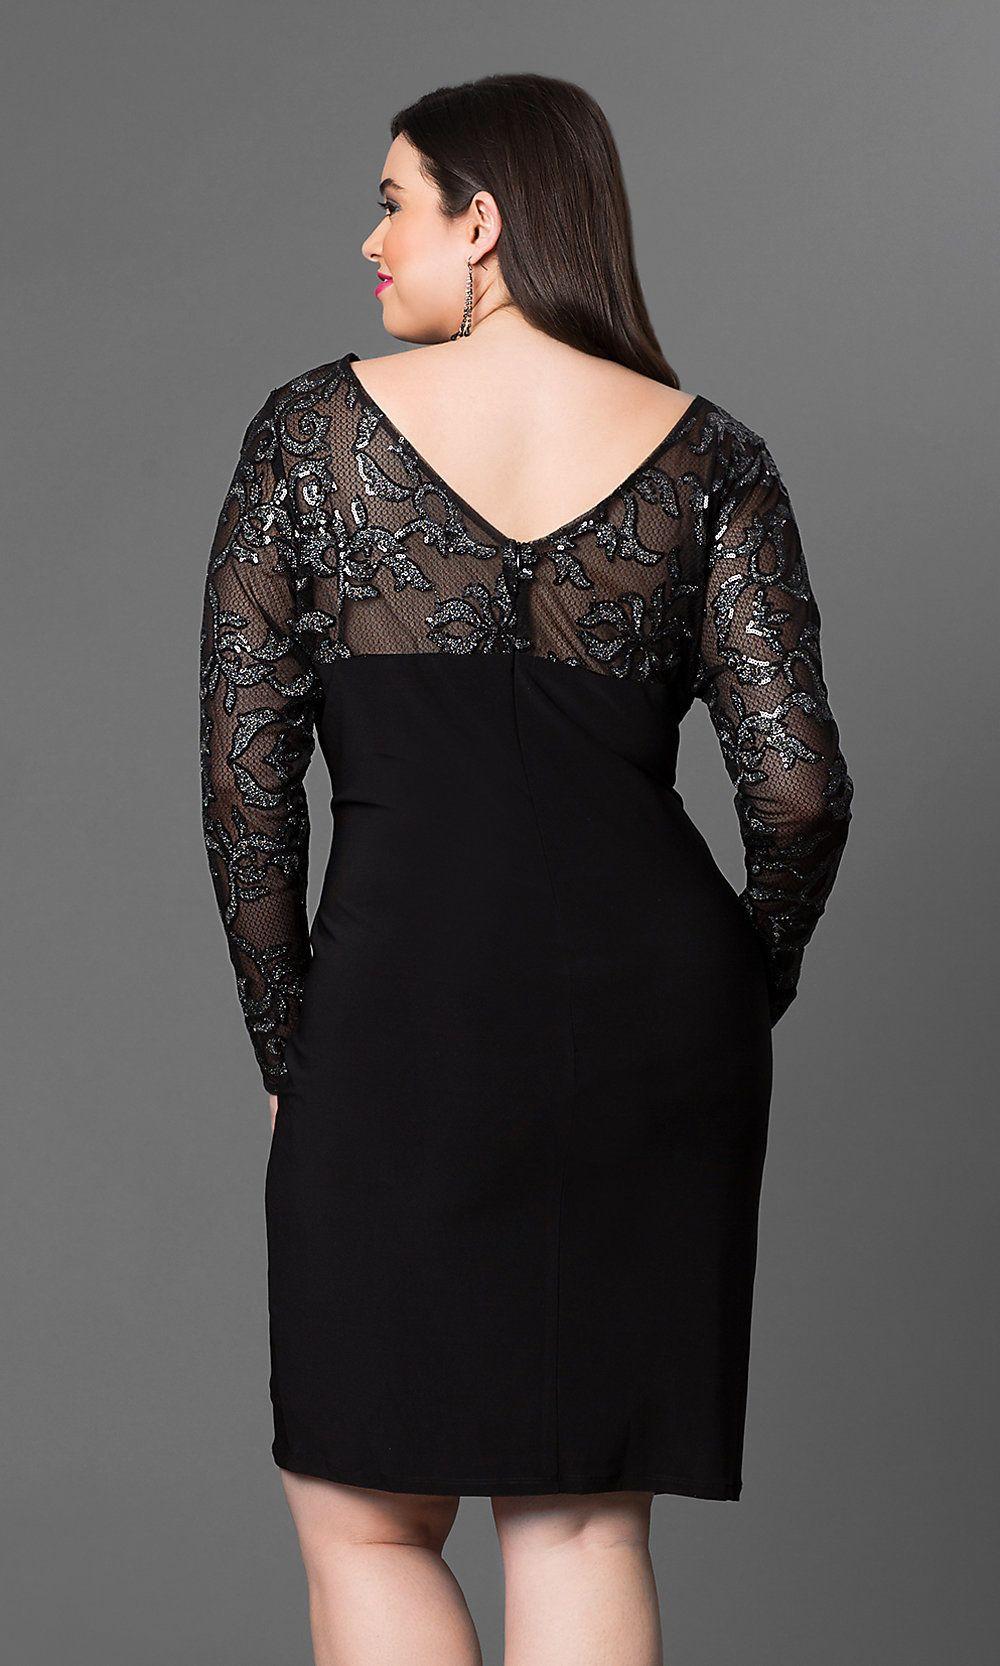 375c02b4f0e ... long sleeve knee-length Marina party dress. Knee-Length Plus Party Dress  with Sleeves -PromGirl